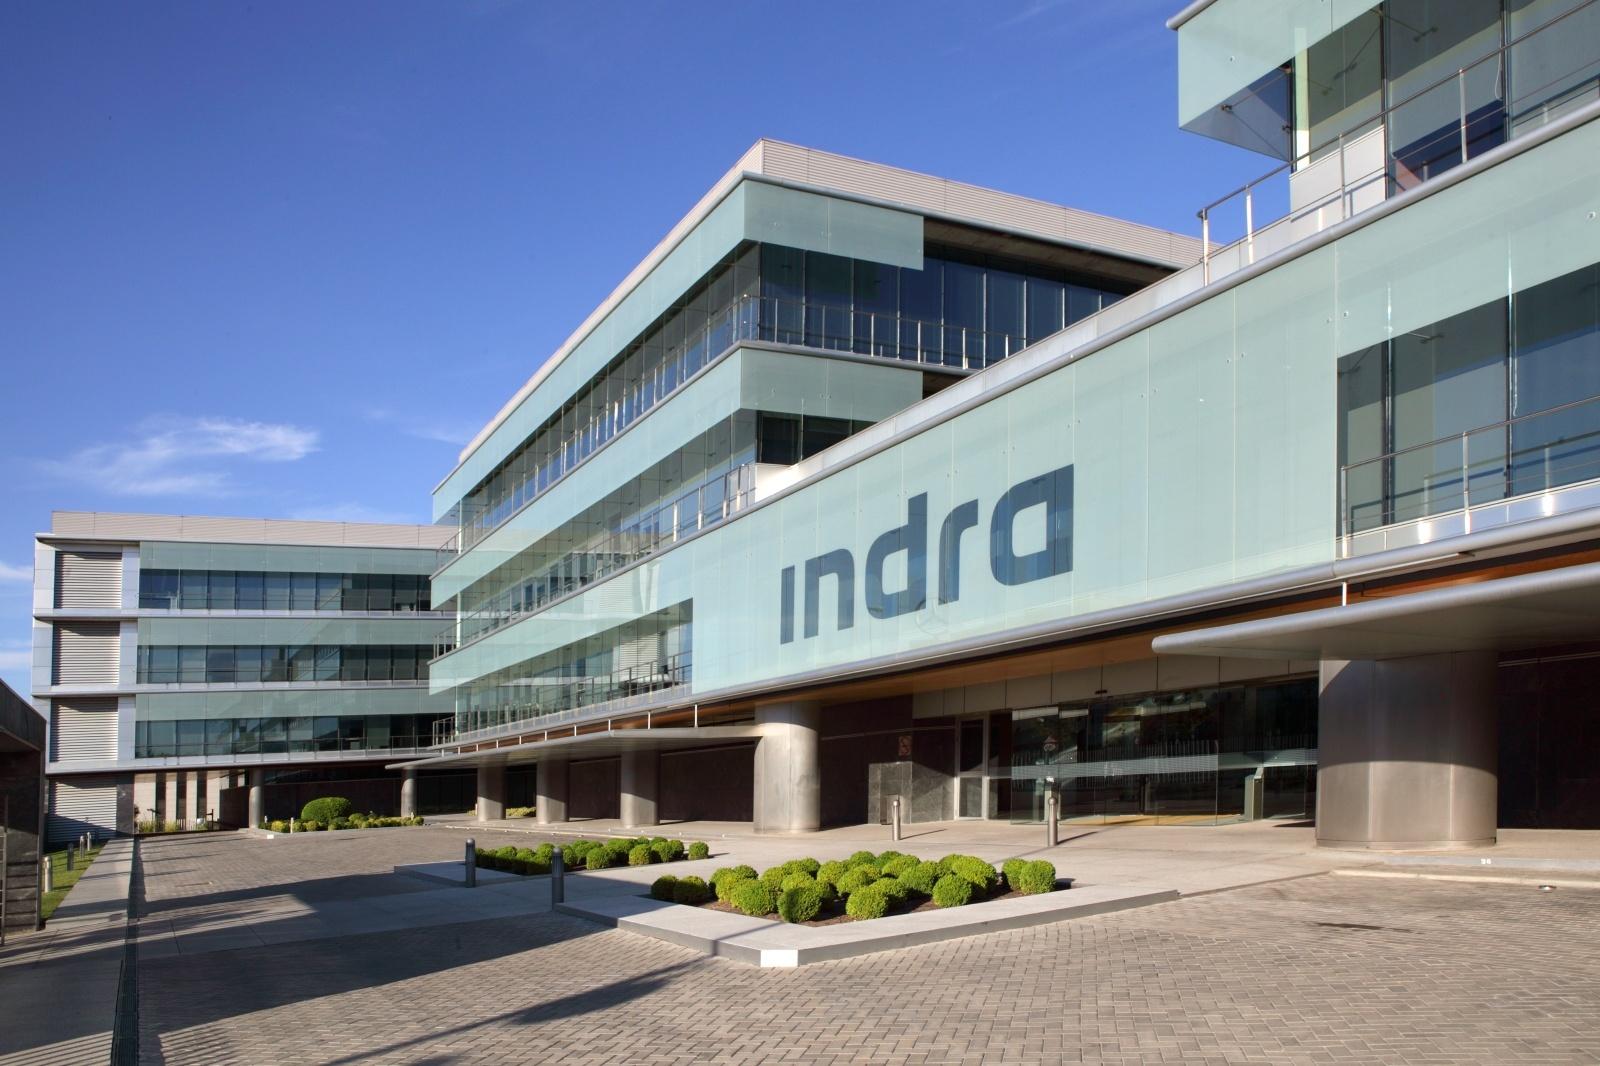 Indra gana un 27% menos en 2012